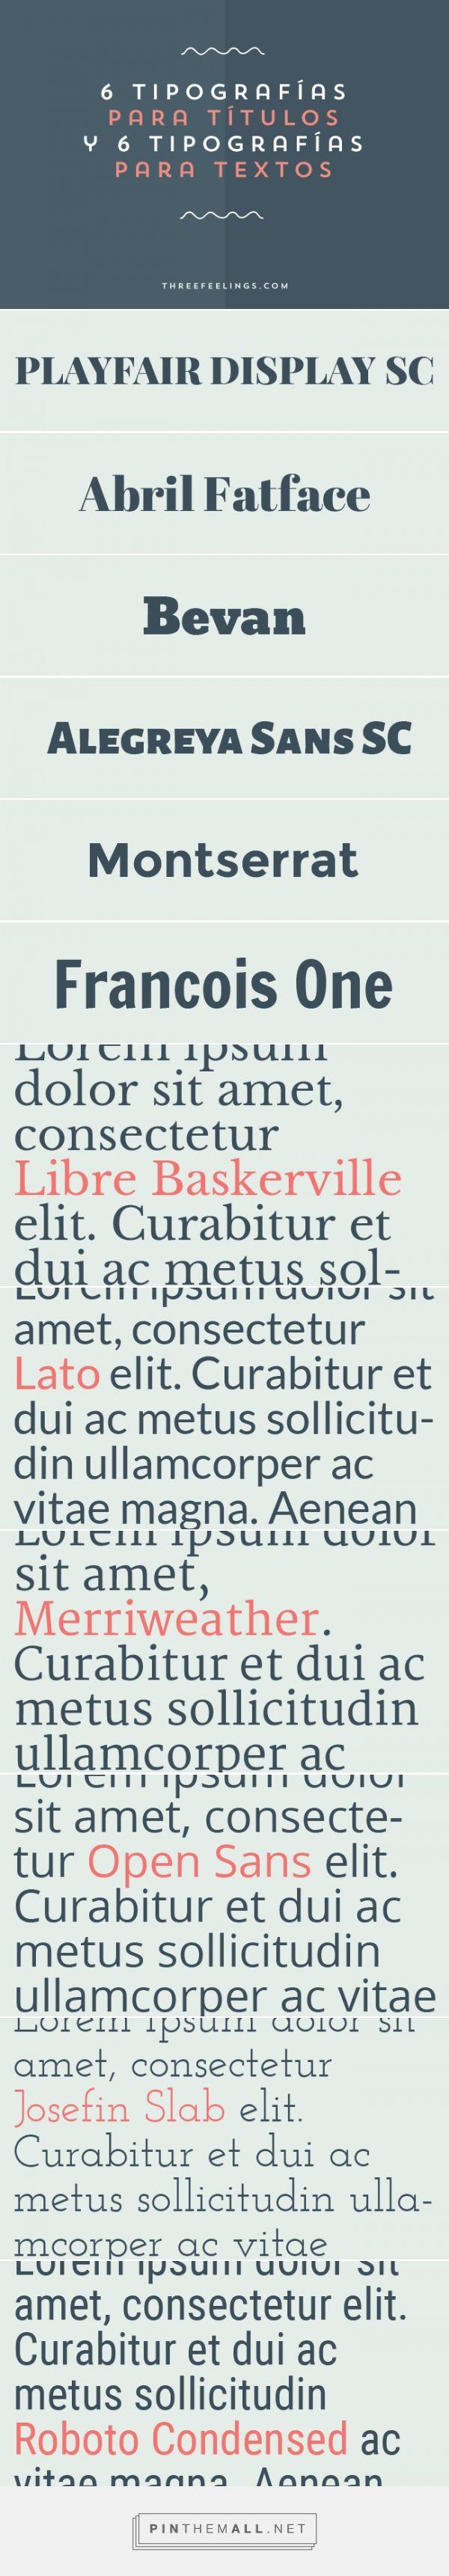 6 Tipografías para títulos y 6 Tipografías para textos                                                                                                                                                      Más